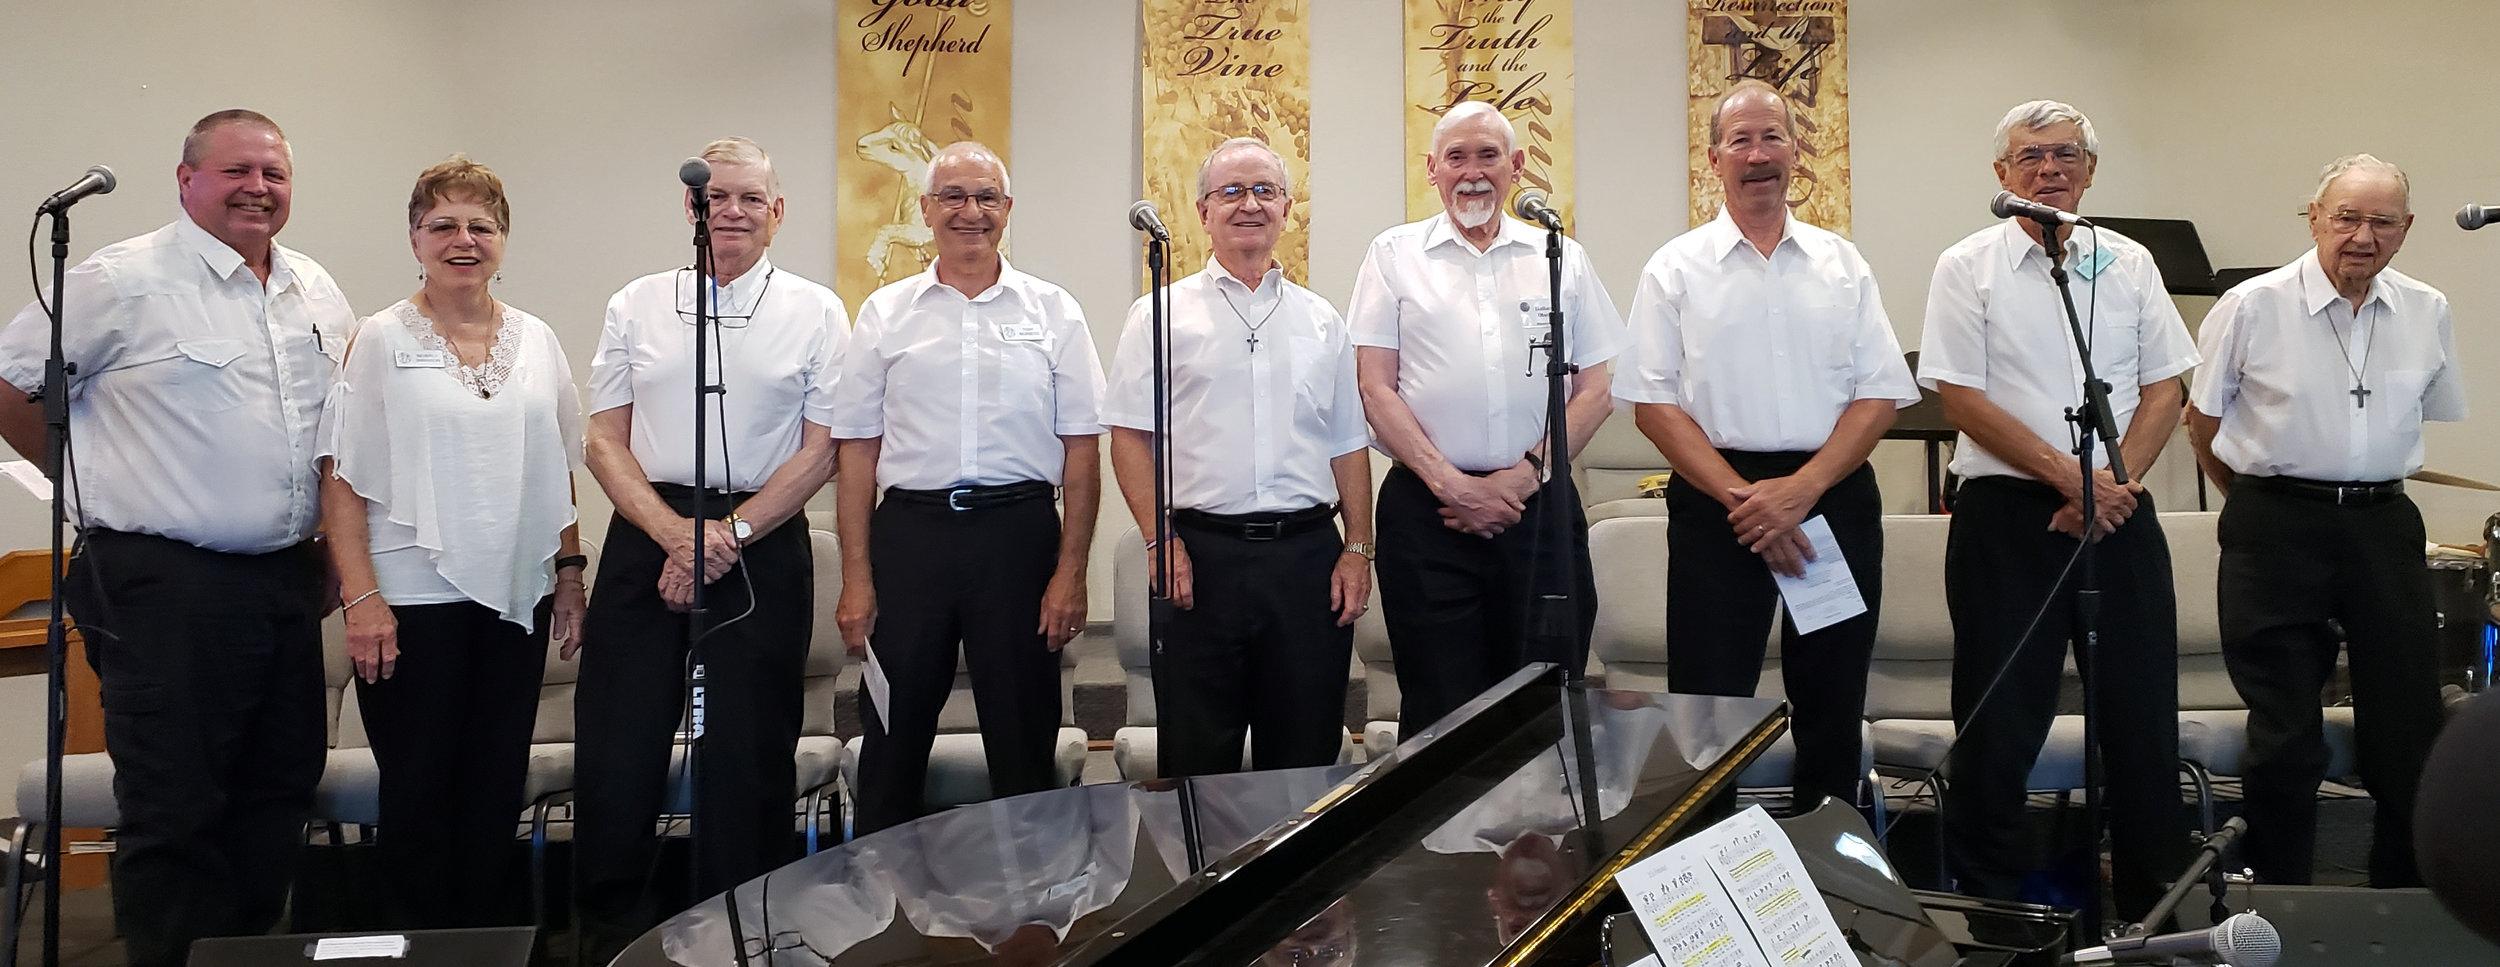 Bass Clef Choir